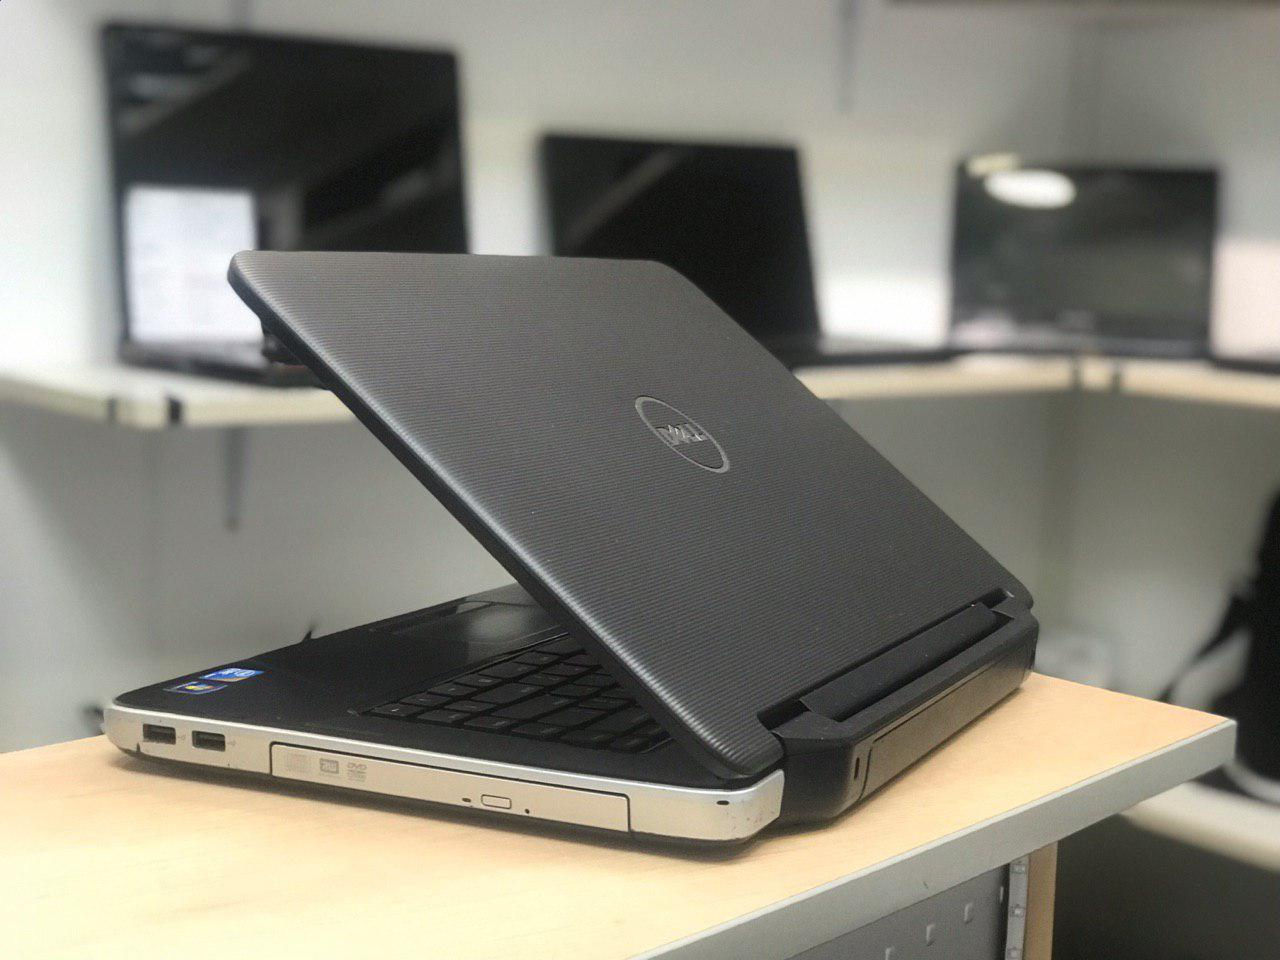 Купить Ноутбуки б/у, Dell Vostro 1540 15, 6 HD i3-380M 4 Ram 320 HDD б/у